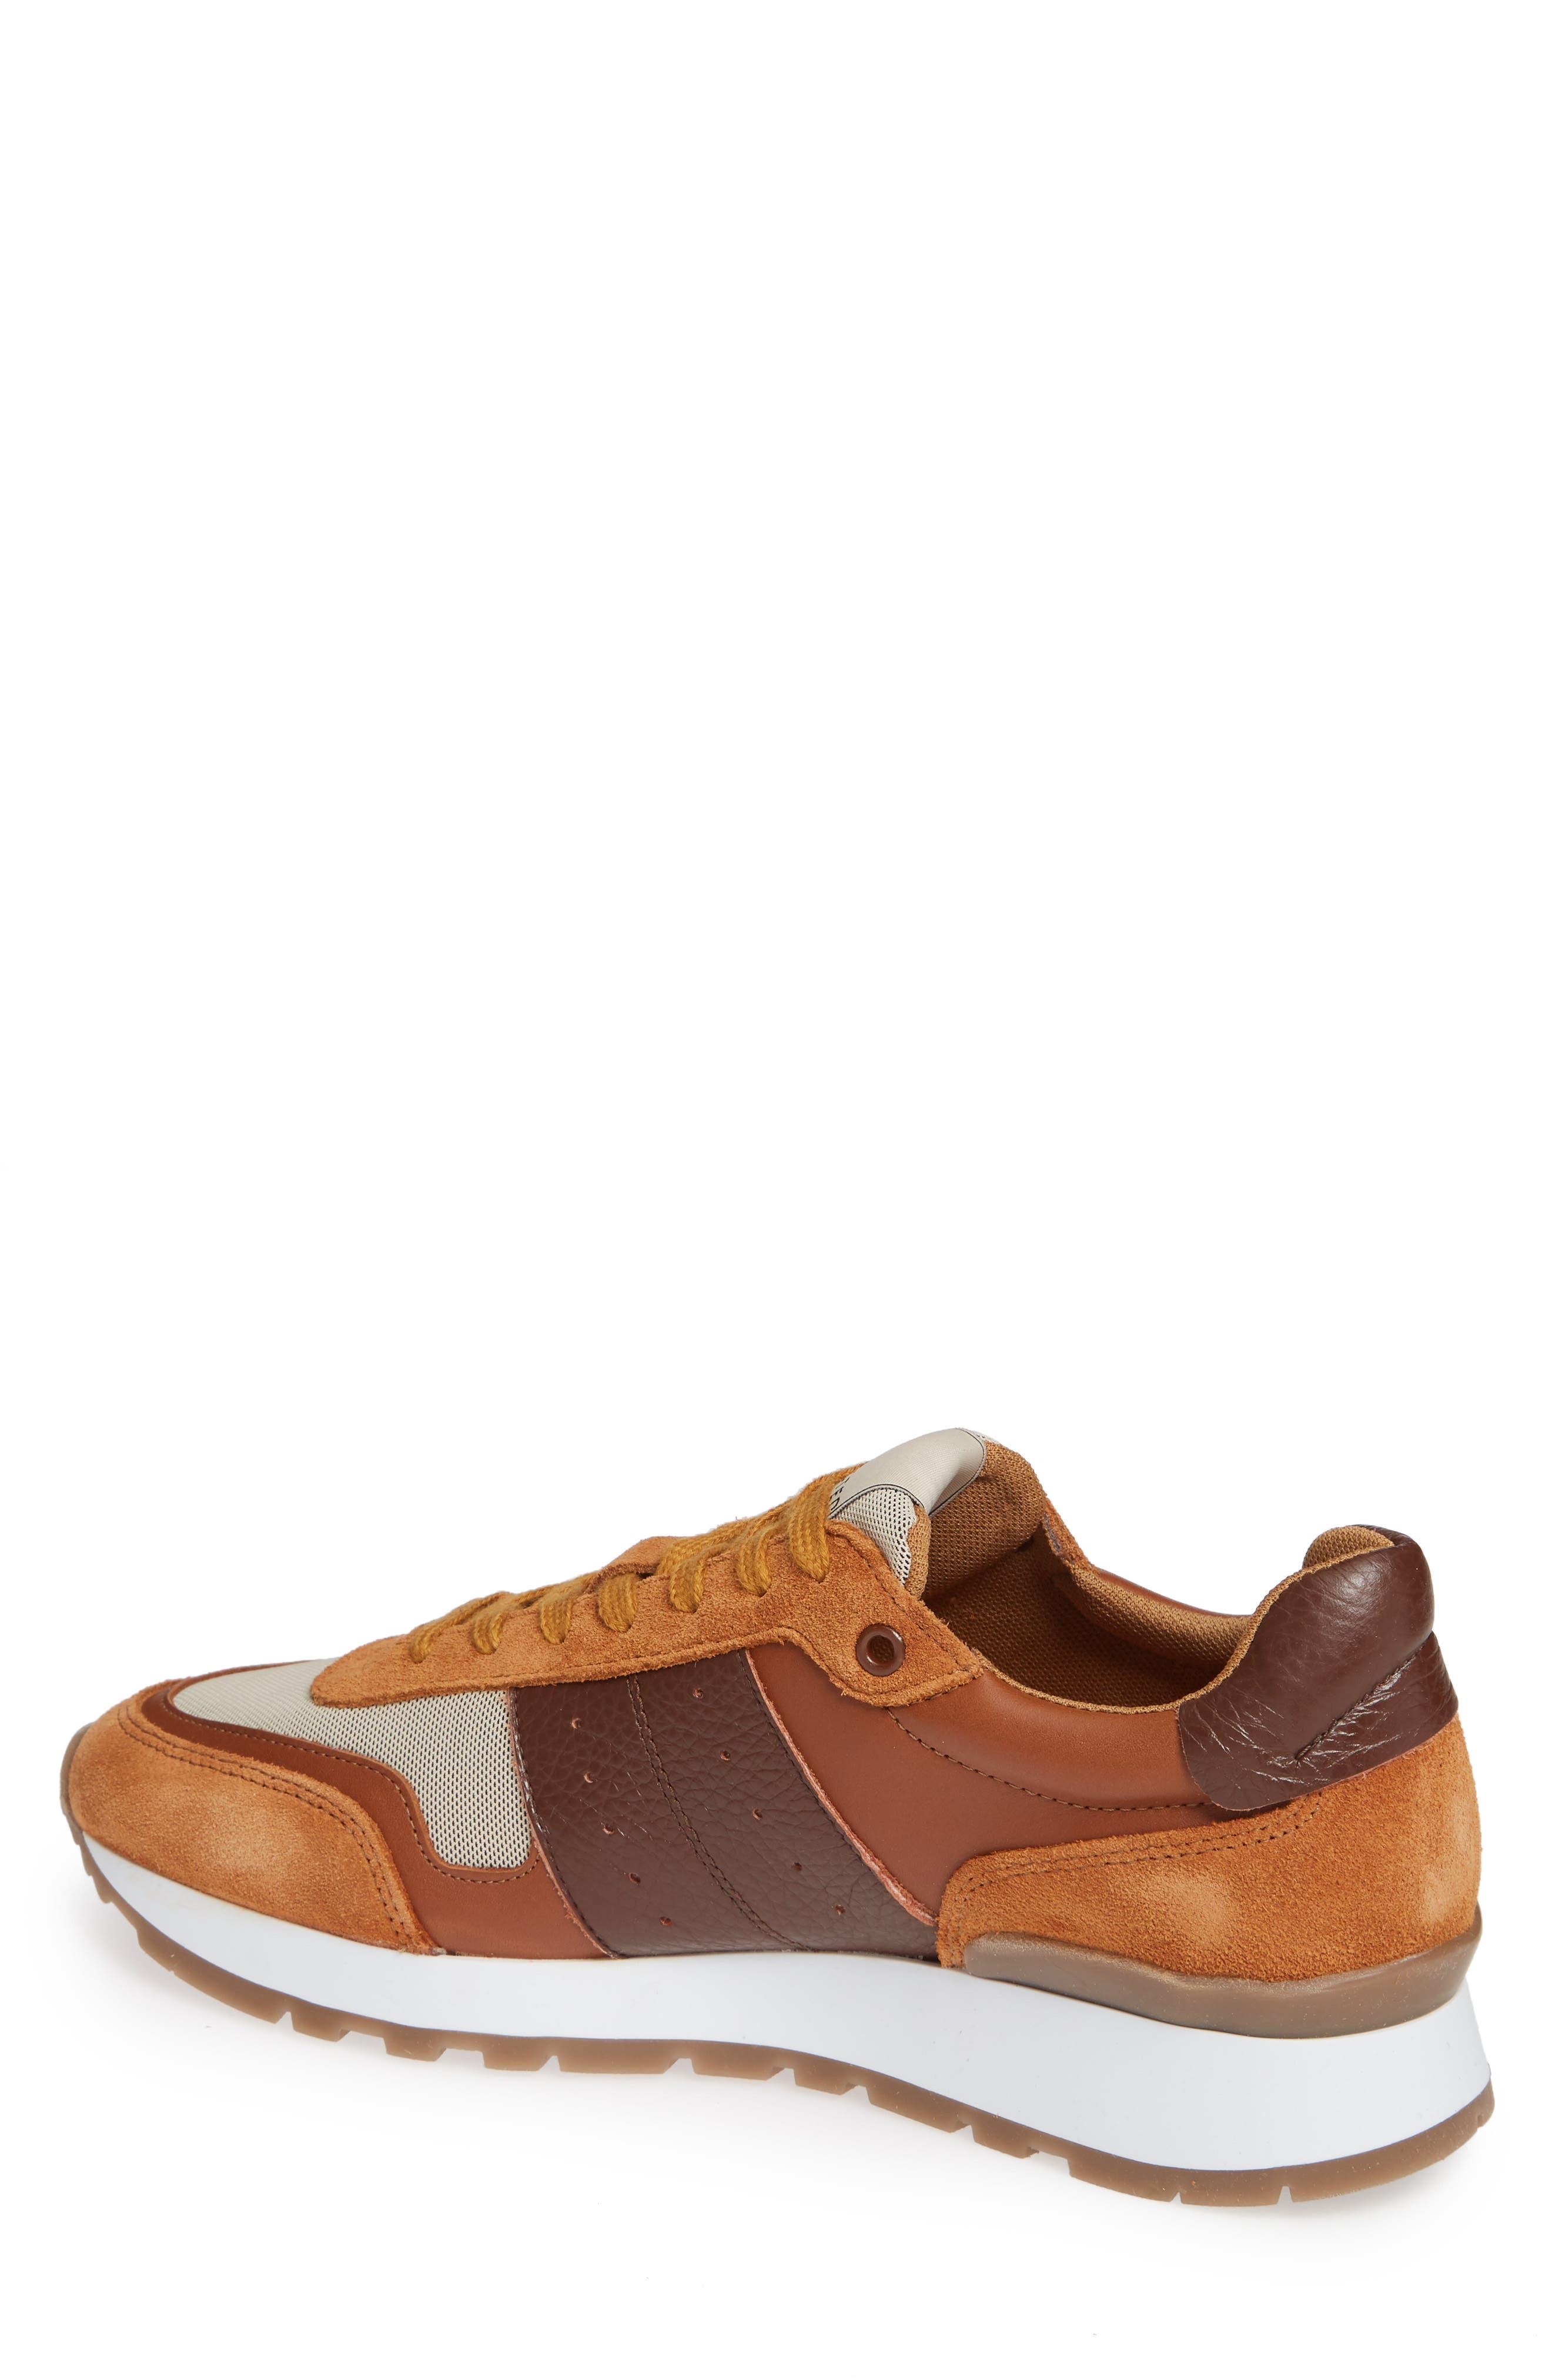 Frank Mix Sneaker,                             Alternate thumbnail 2, color,                             GLAZED GINGER